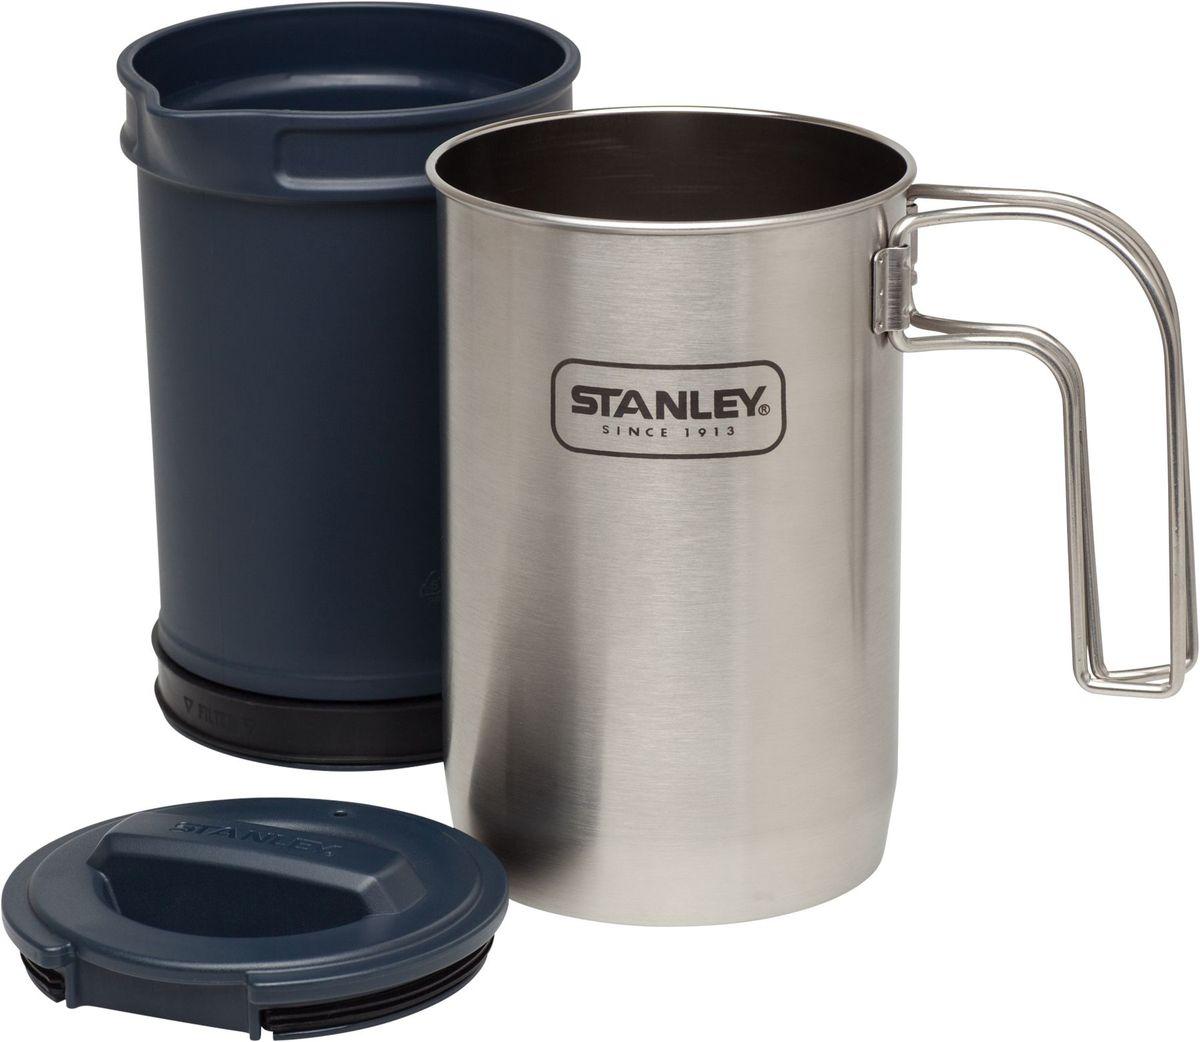 Набор походной посуды Stanley Adventure цвет: стальной, 0,95 л10-02345-002Компактный набор походной посуды Stanley Adventure состоит из котелка со складной ручкой для приготовления пищи и пластикового стакана c завинчивающейся крышкой для заваривания чая или кофе. Котелок выполнен из нержавеющей стали.Подходит для мытья в посудомоечной машине.